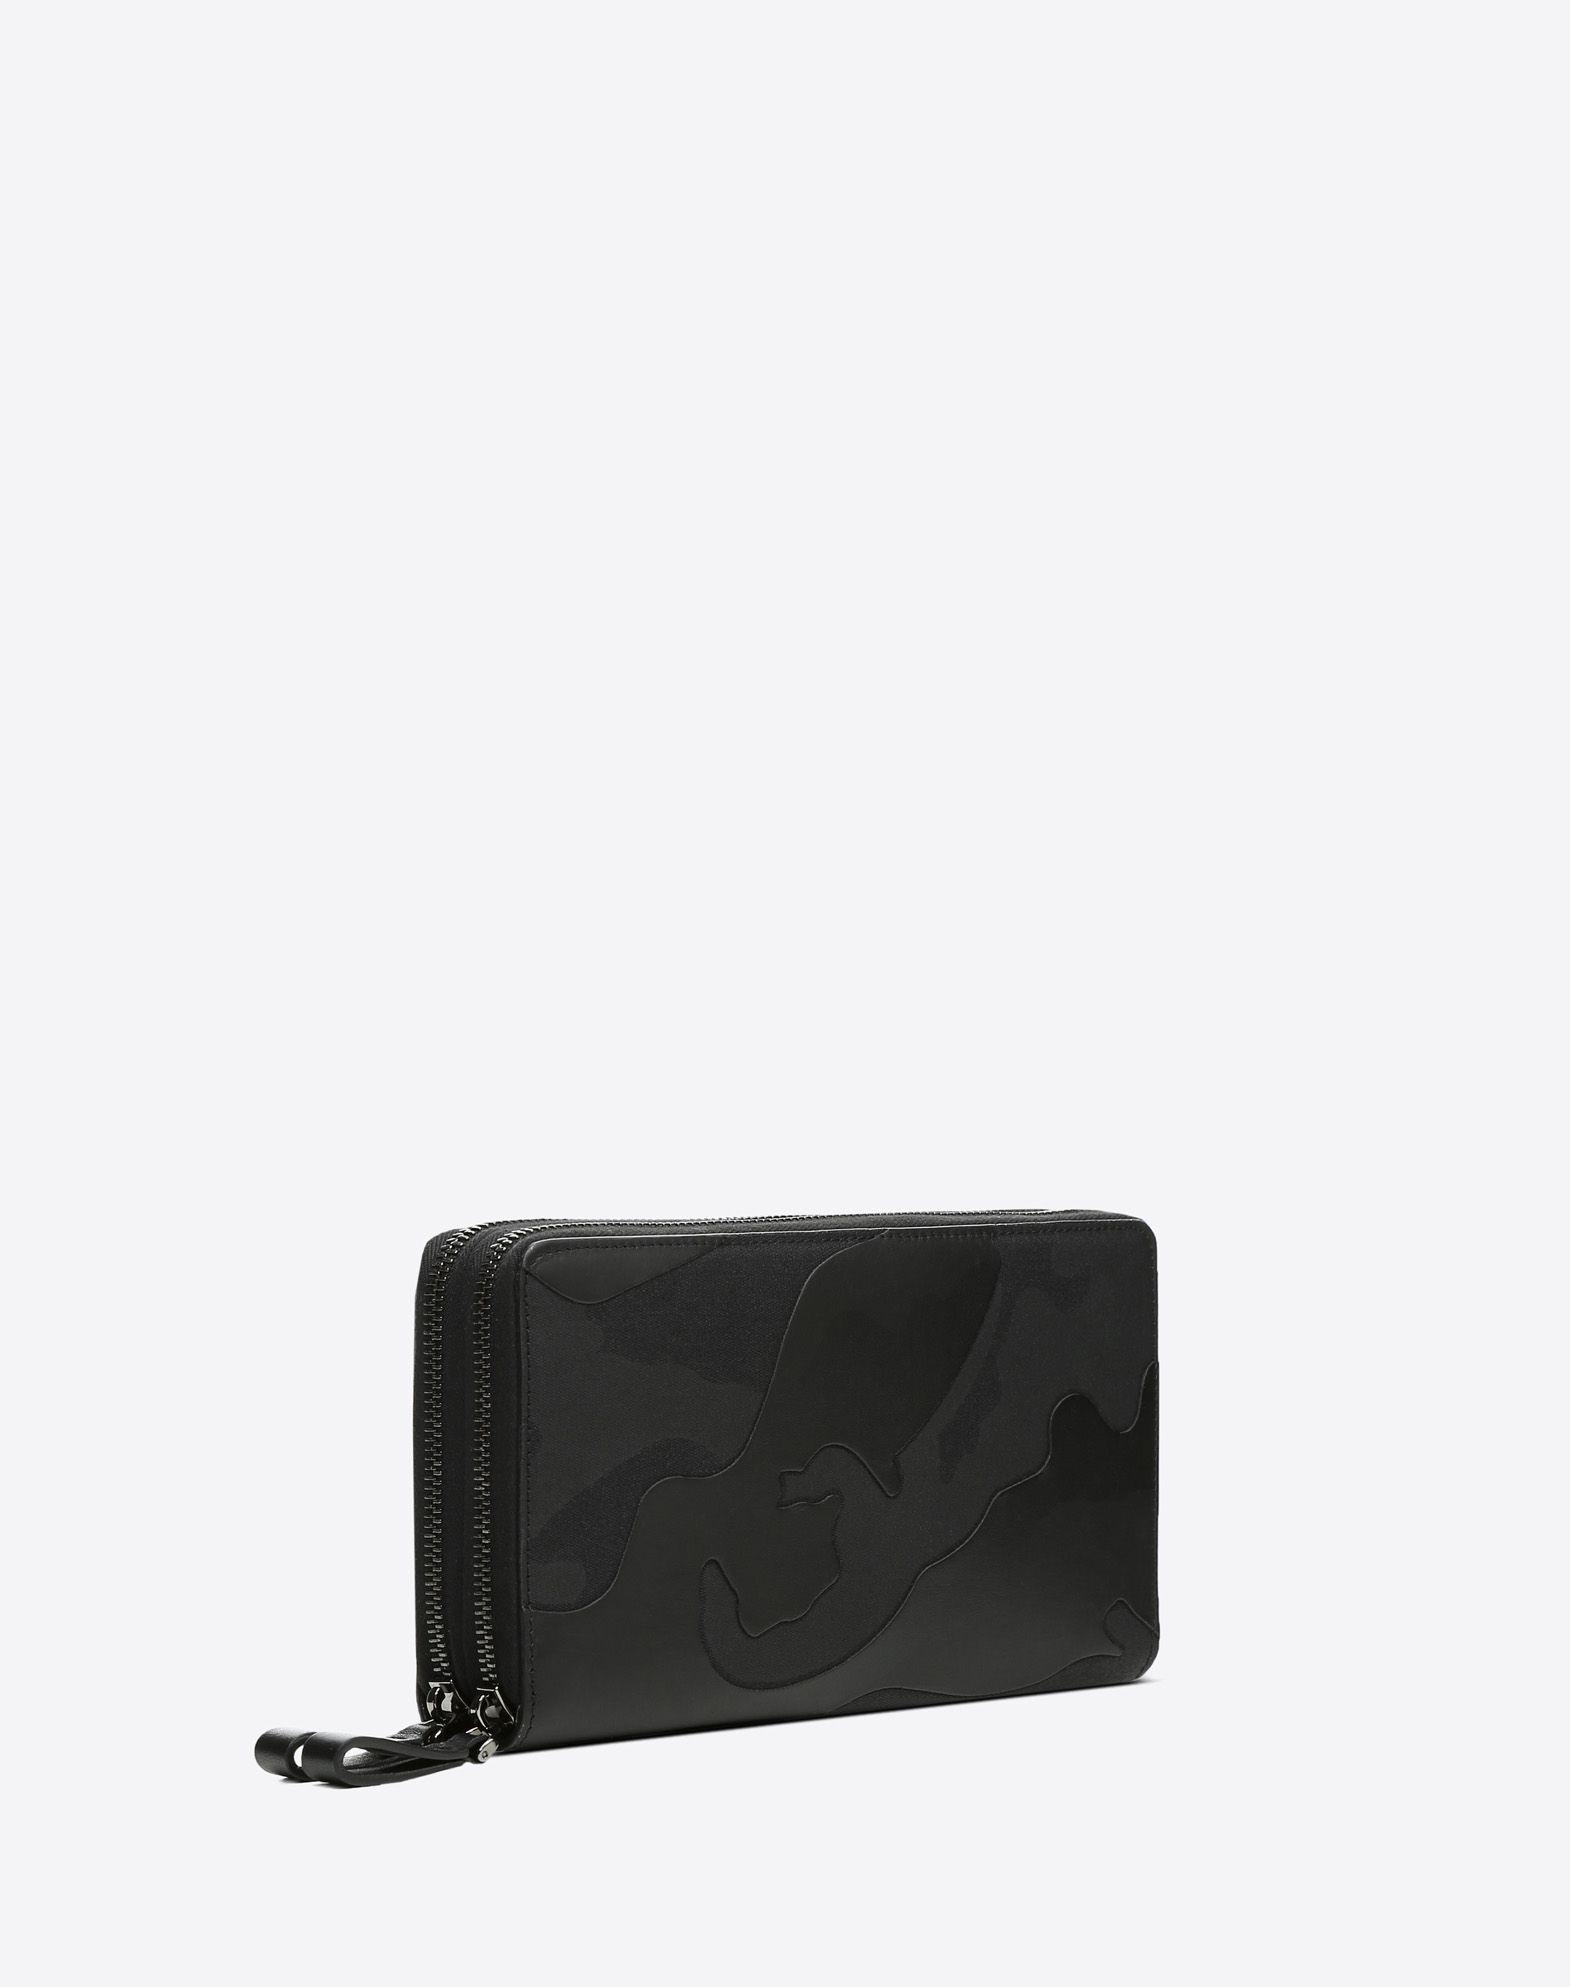 VALENTINO GARAVANI UOMO Camouflage Noir wallet ZIP AROUND WALLETS U r